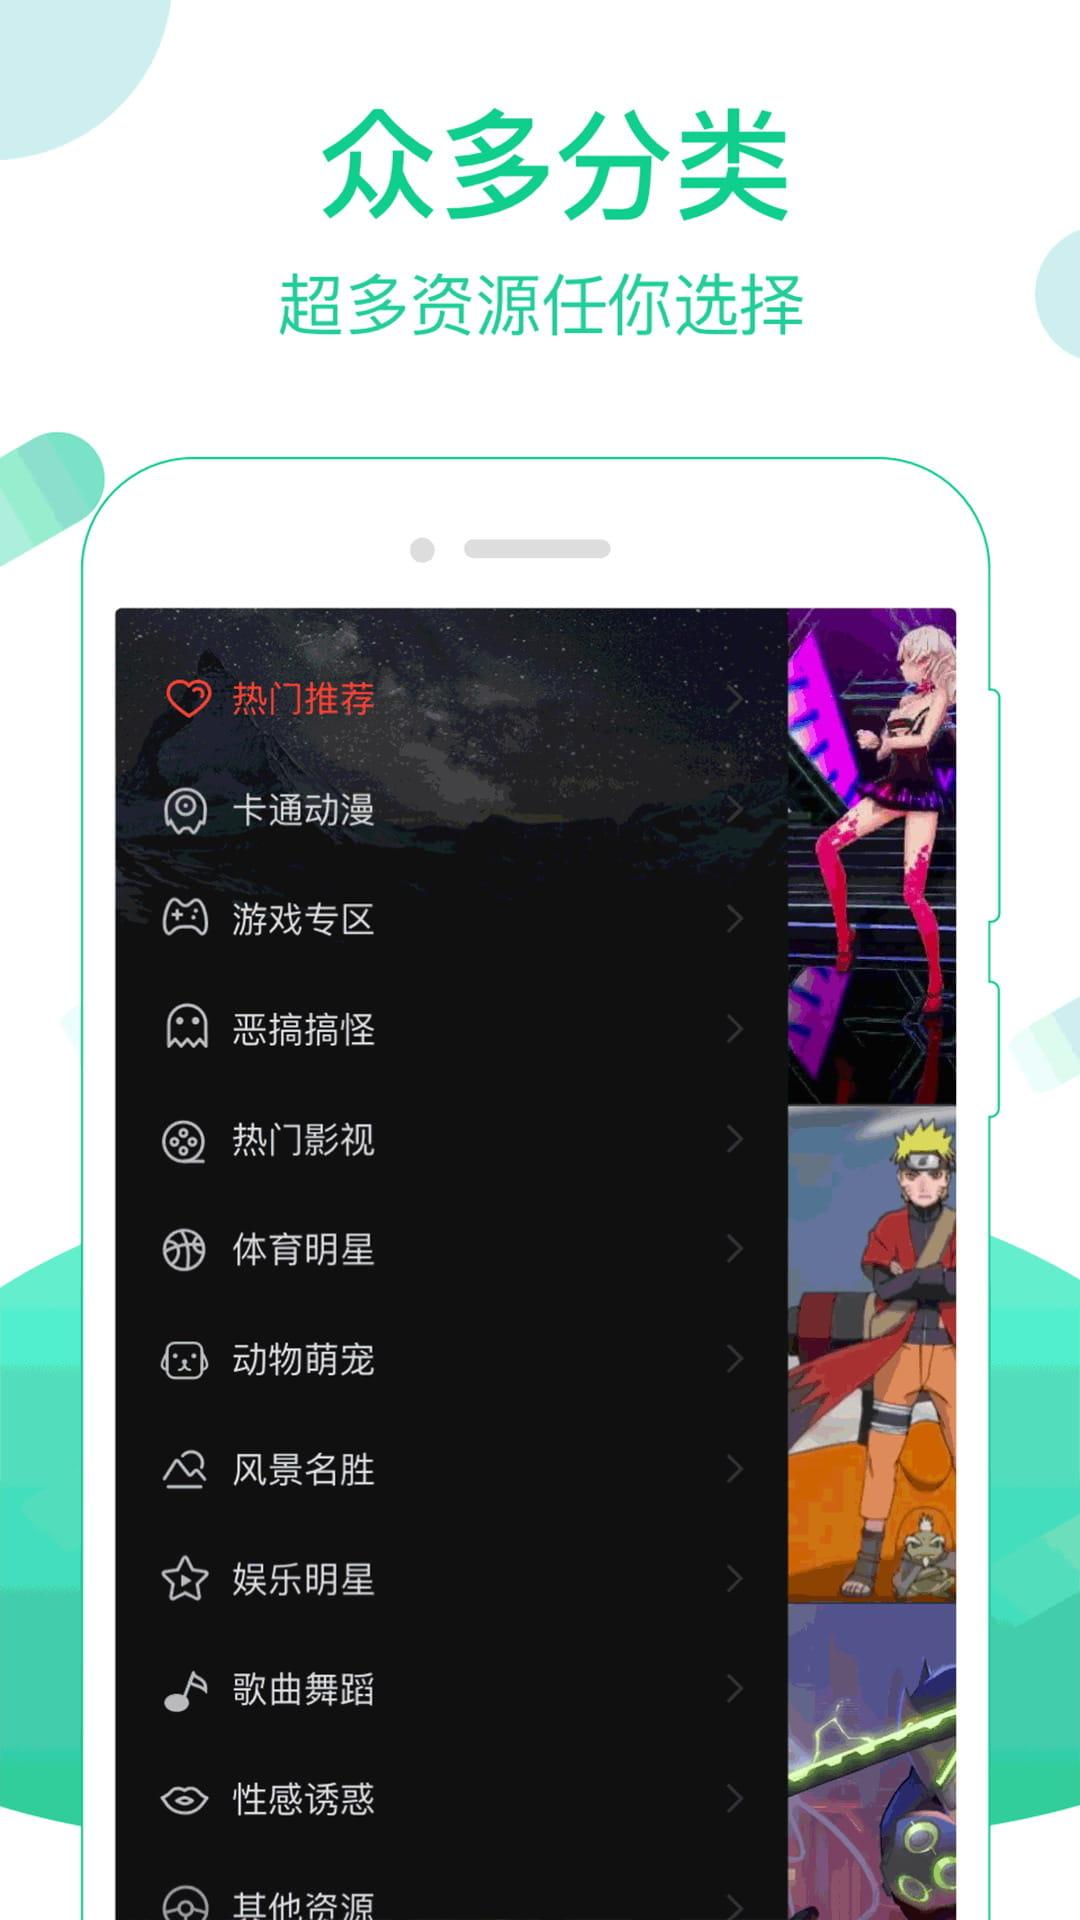 火萤视频壁纸官方客户端 v6.8.8截图